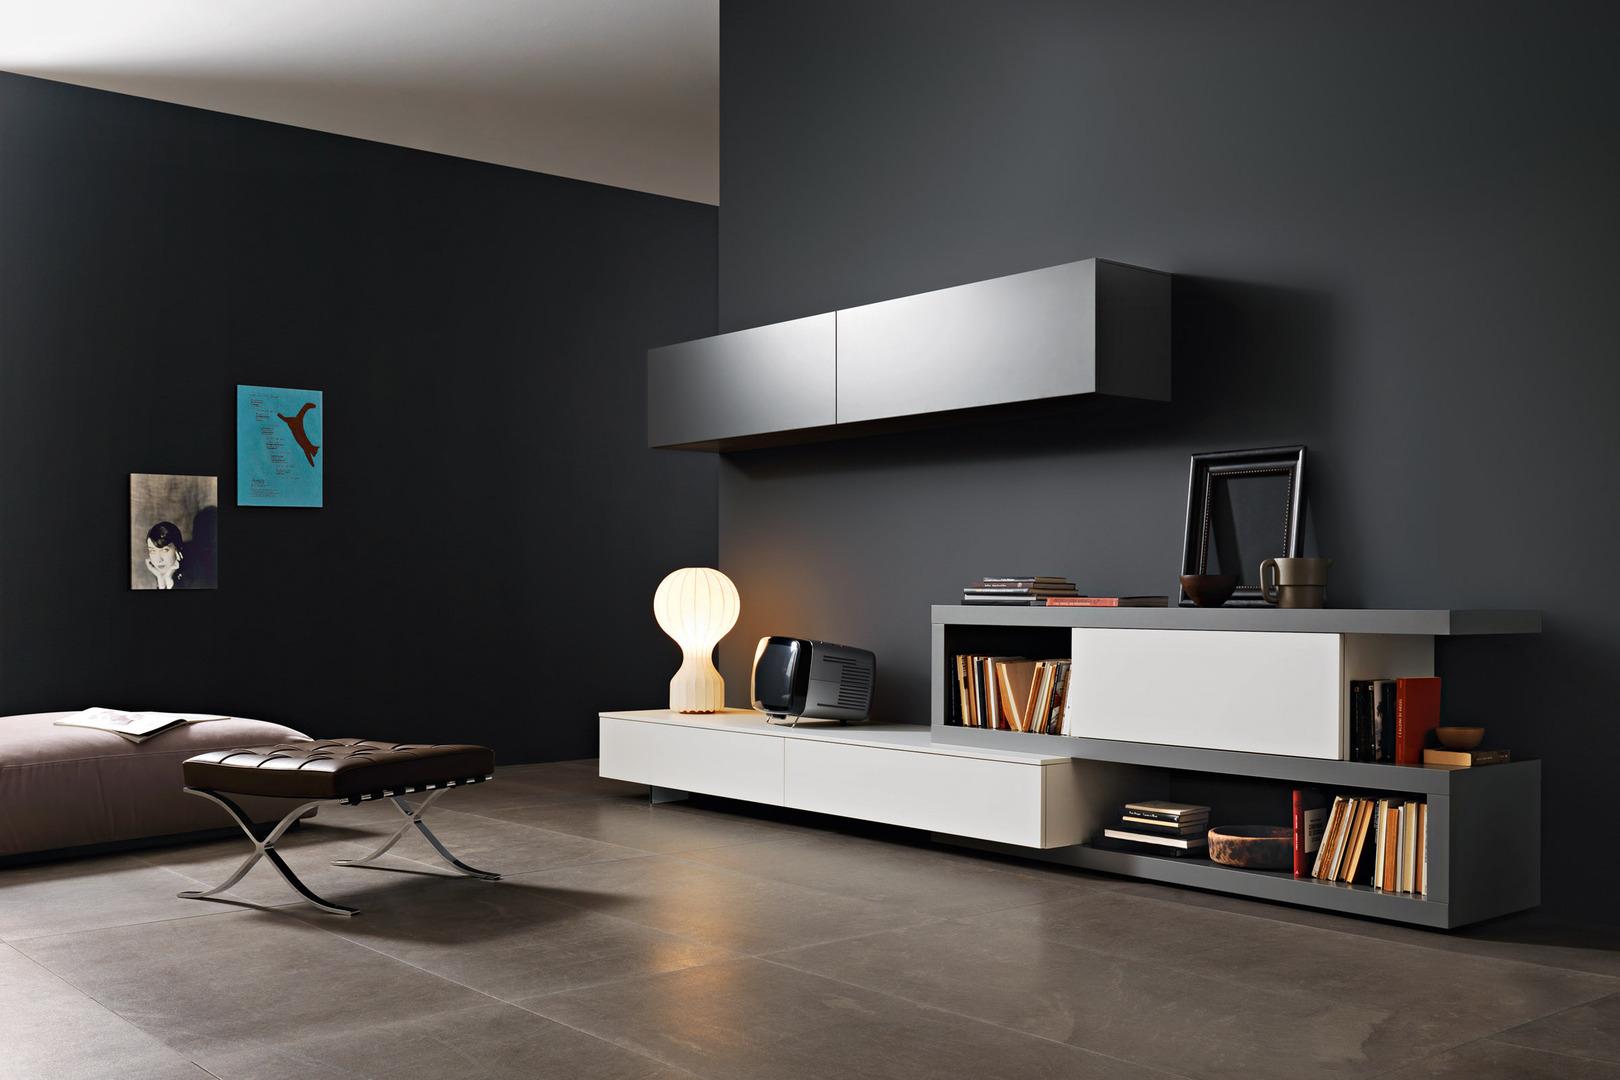 Arredamenti milani arredamento soggiorno moderno design for Design soggiorno moderno